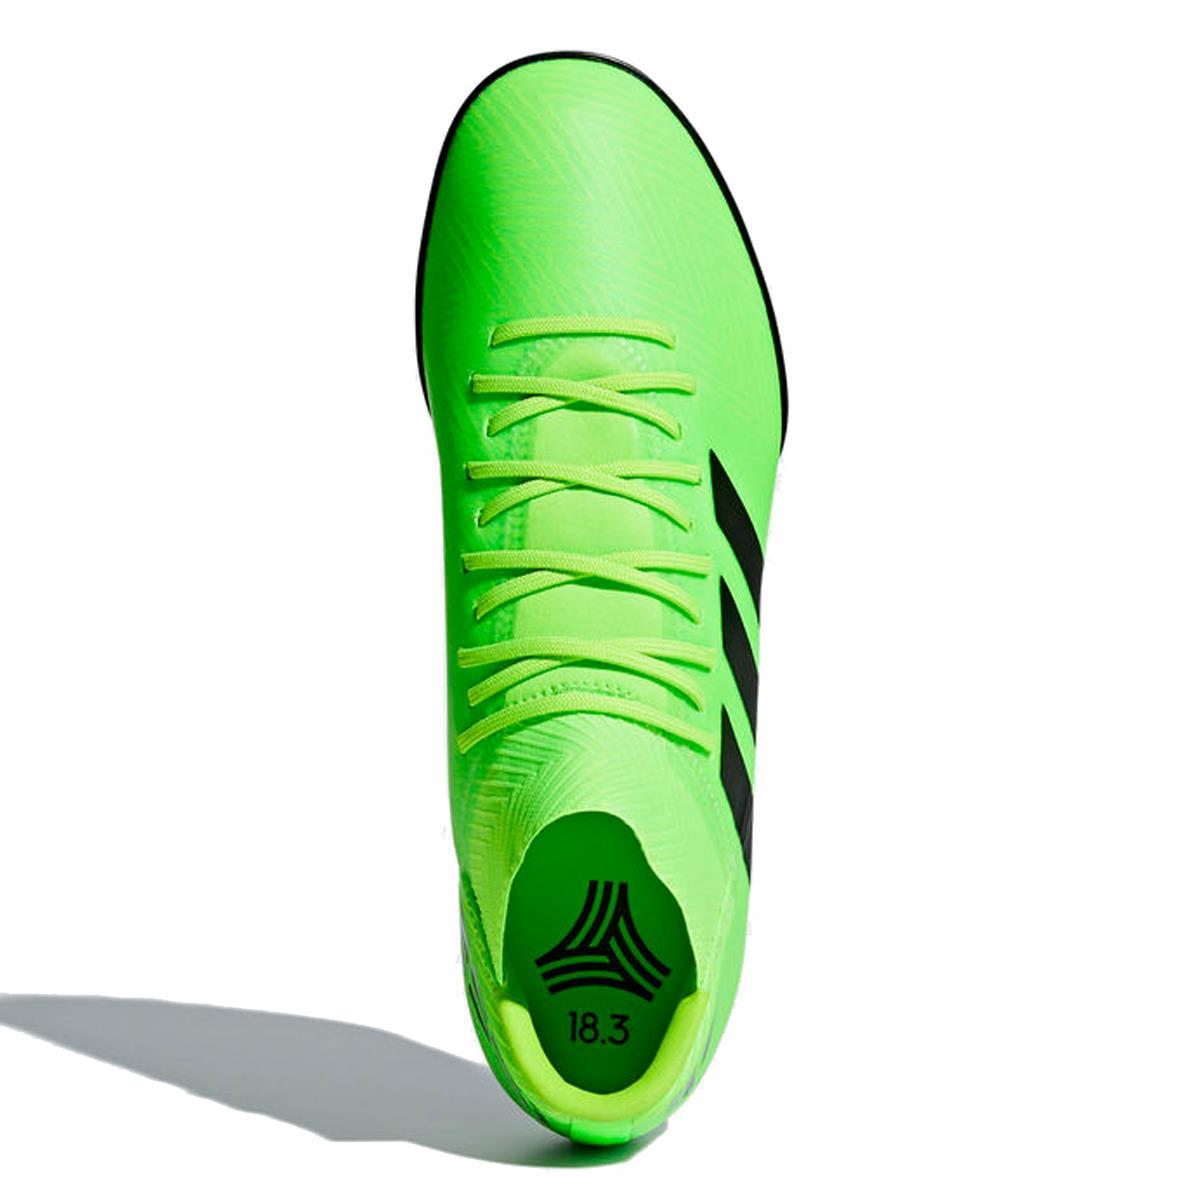 30e147faaa Chuteira Society Adidas Nemeziz Messi Tango 18.3 Verde Limão